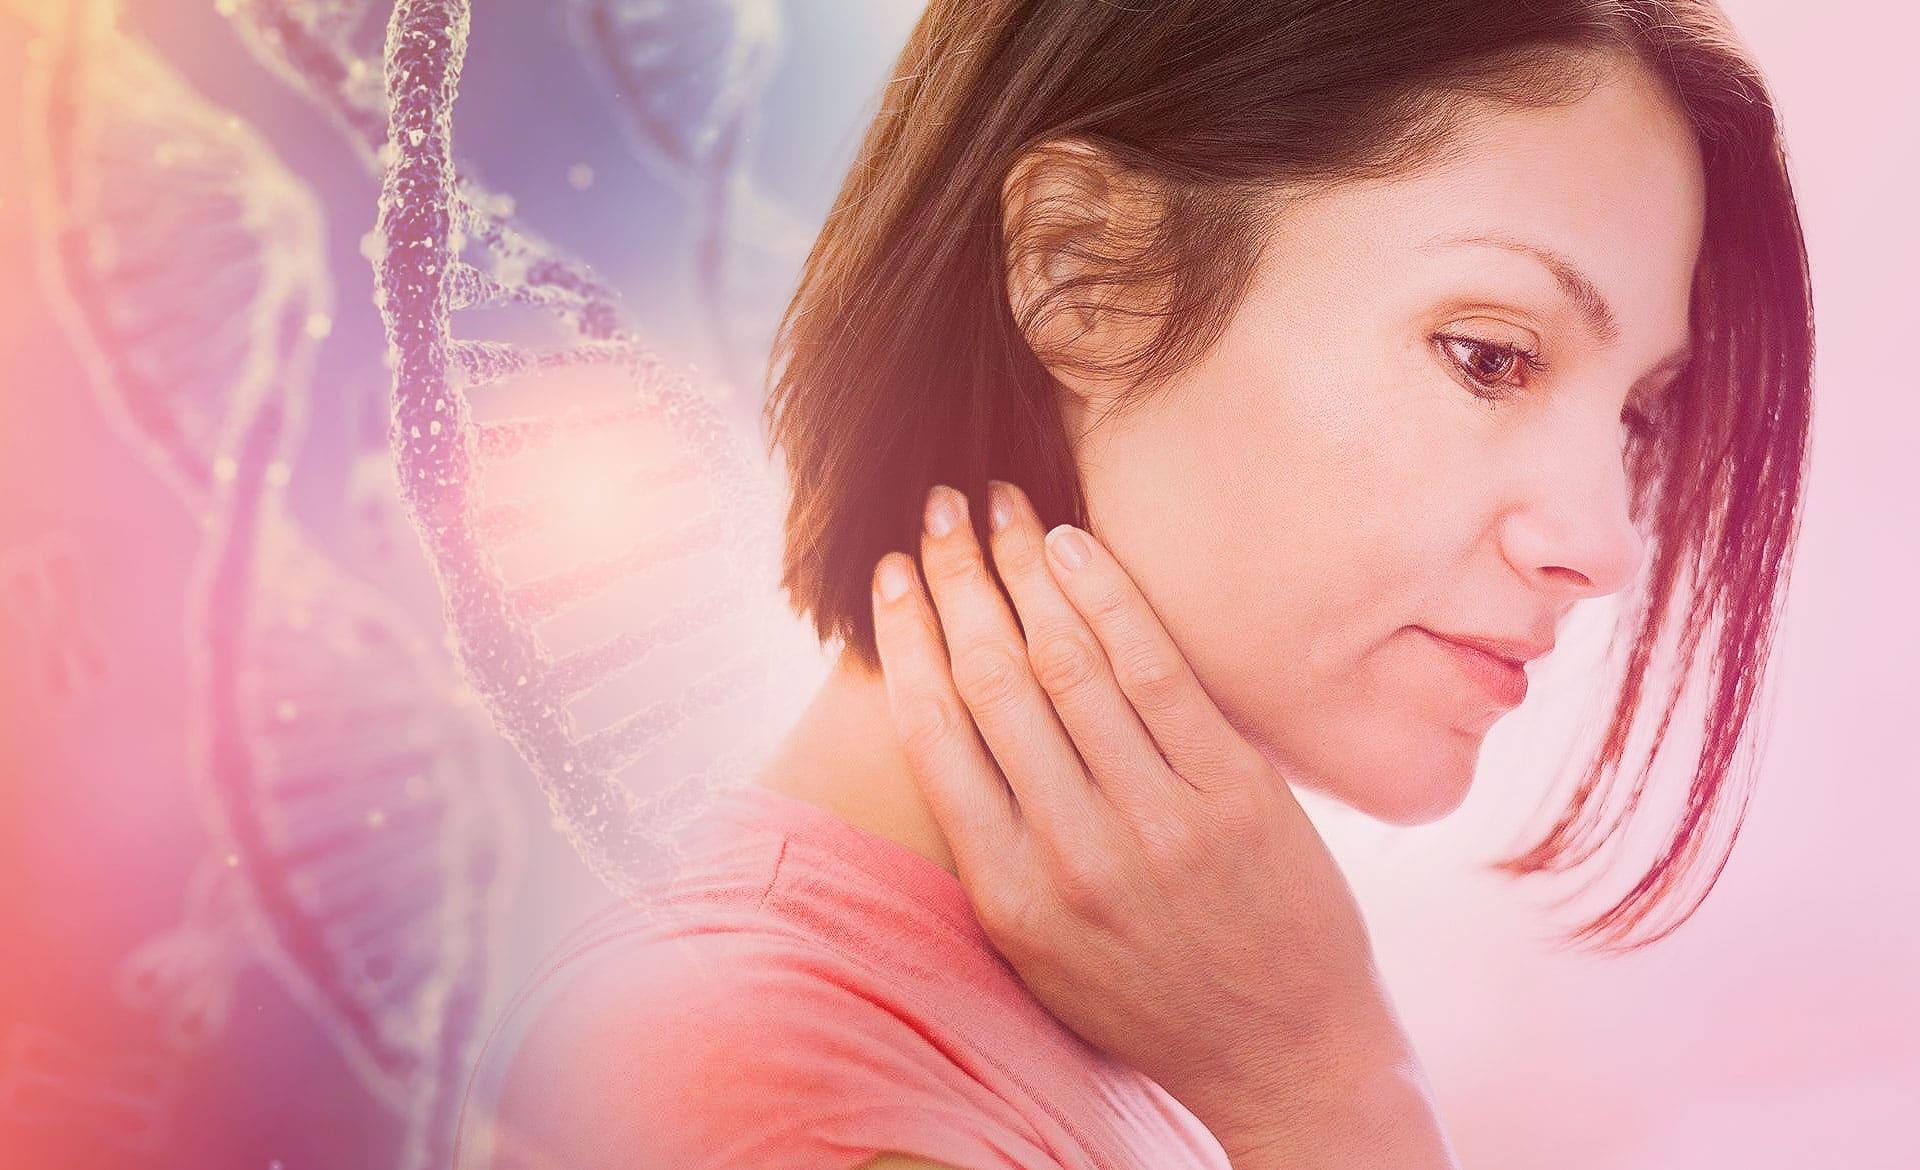 Tenho Carcinoma Invasivo, SOE (sem outra especificação) de mama, e agora?